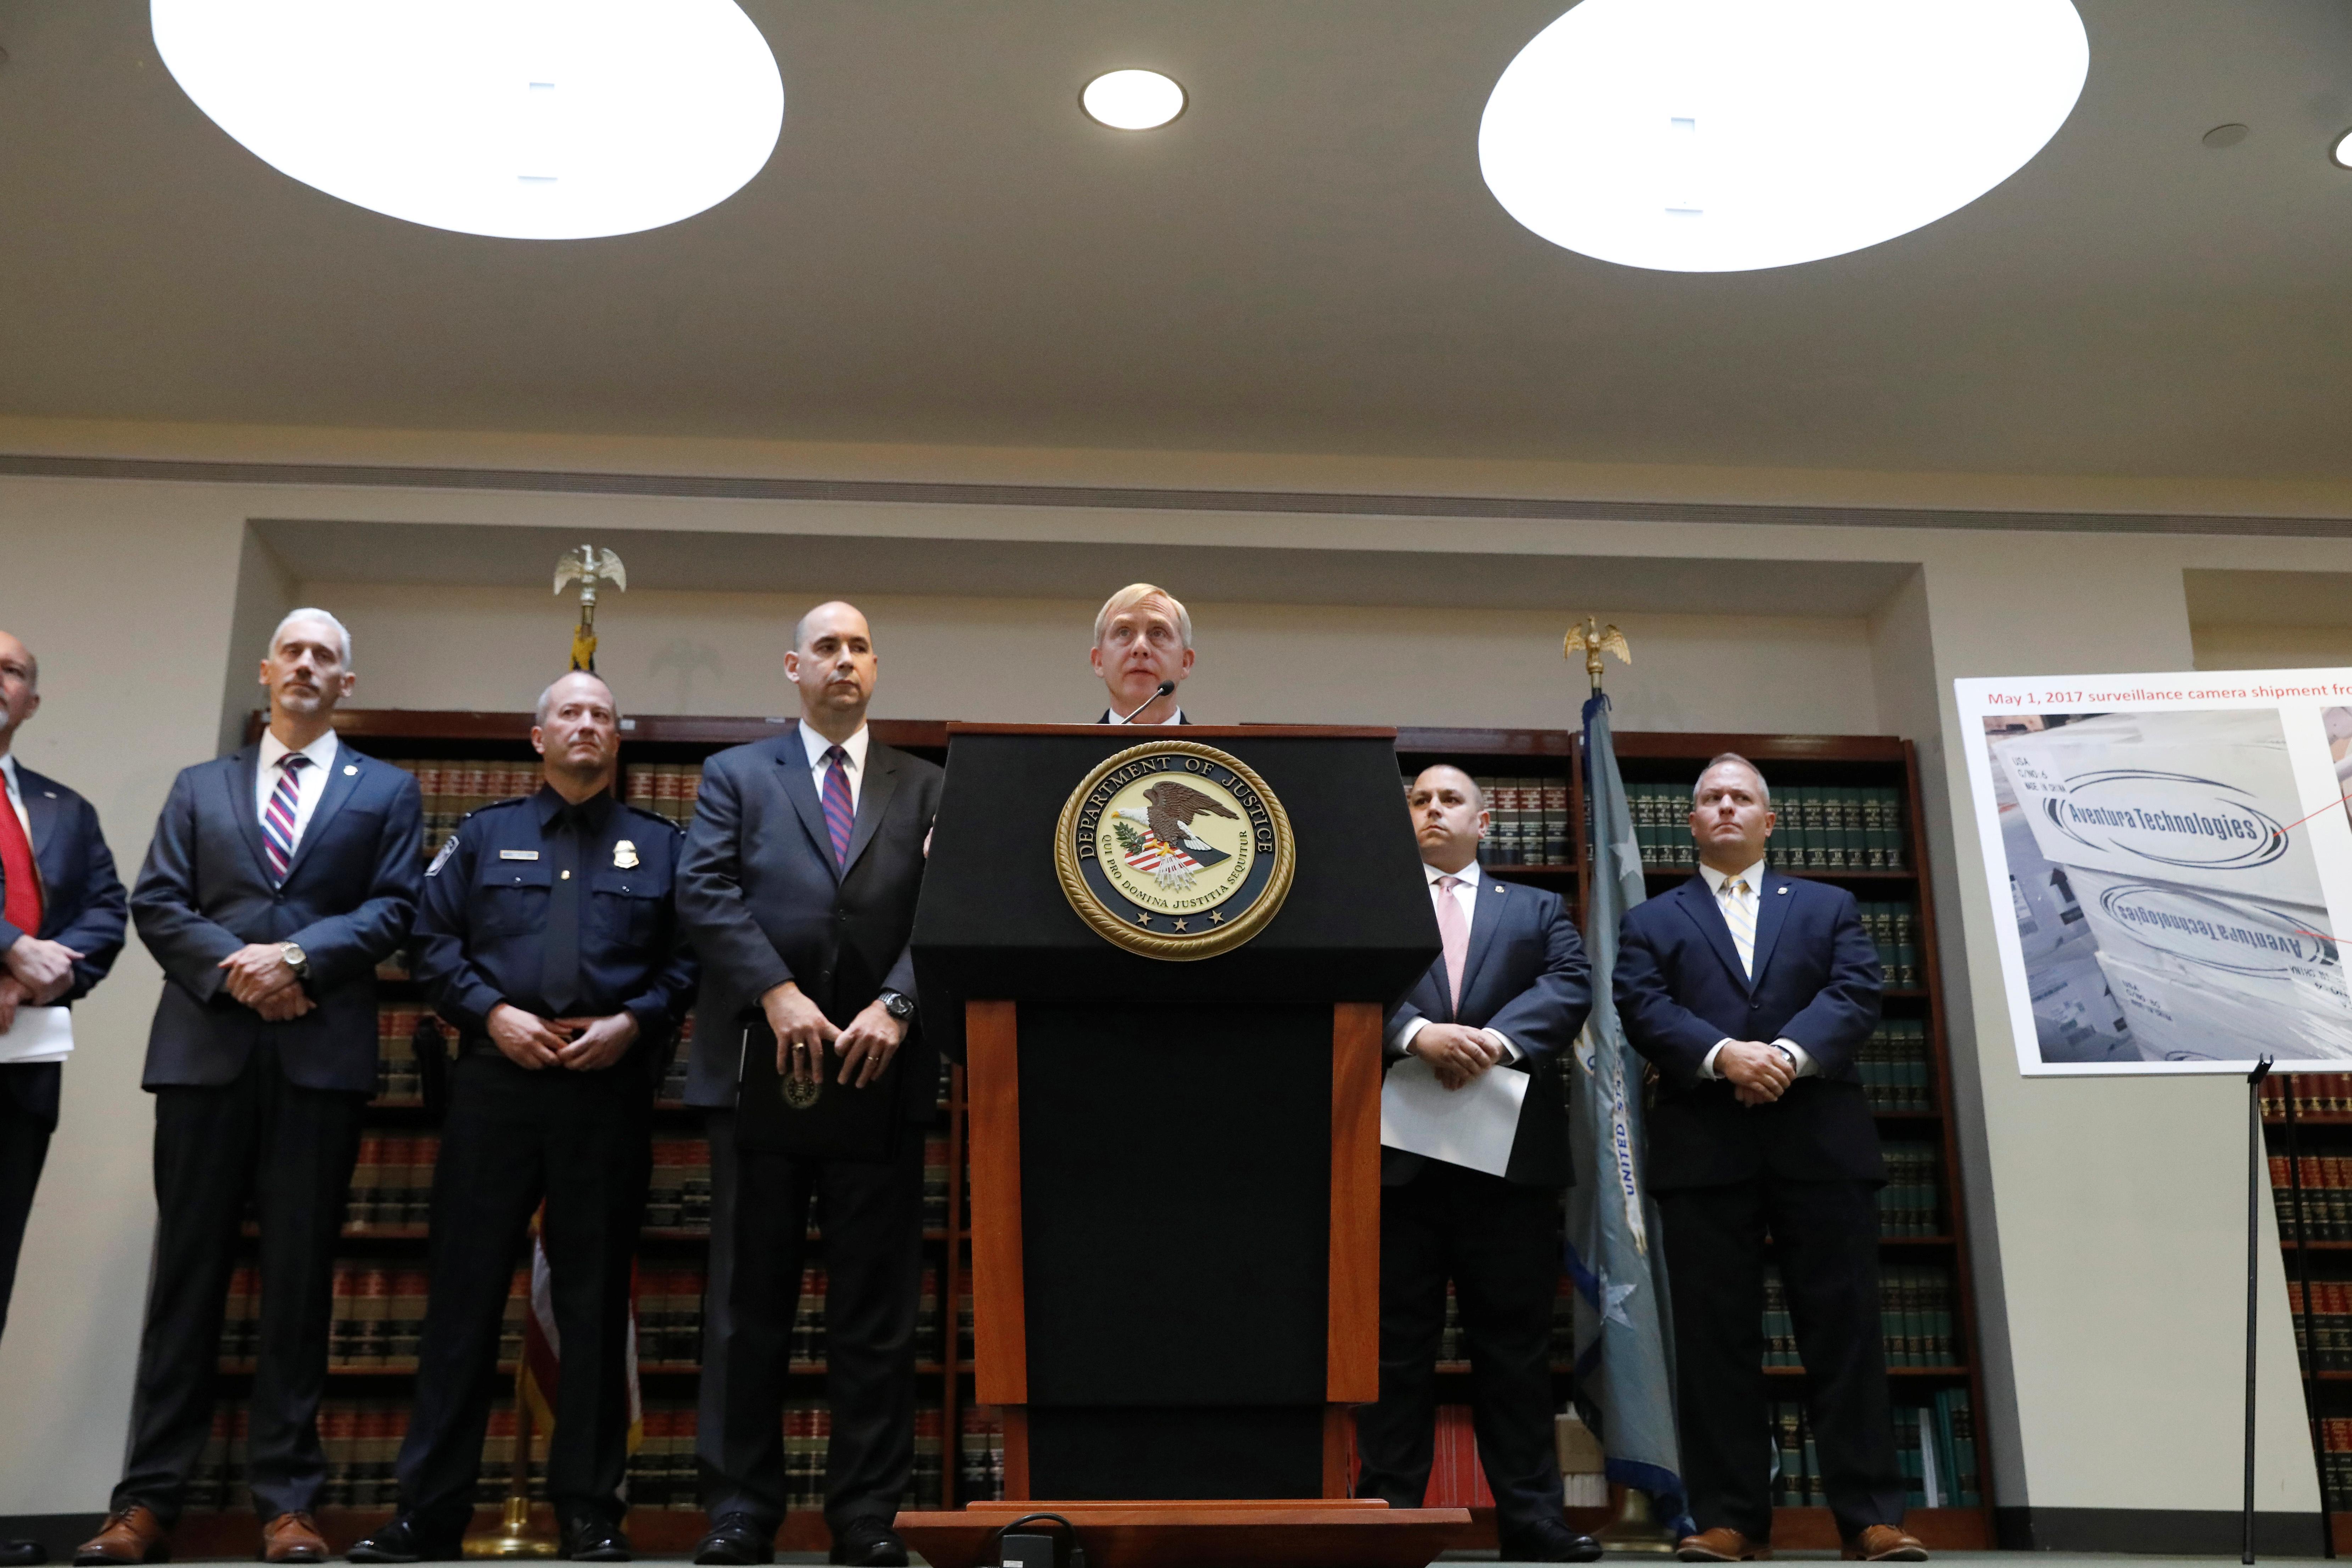 Les Etats-Unis accusent une société new-yorkaise de vente illégale d'équipements chinois